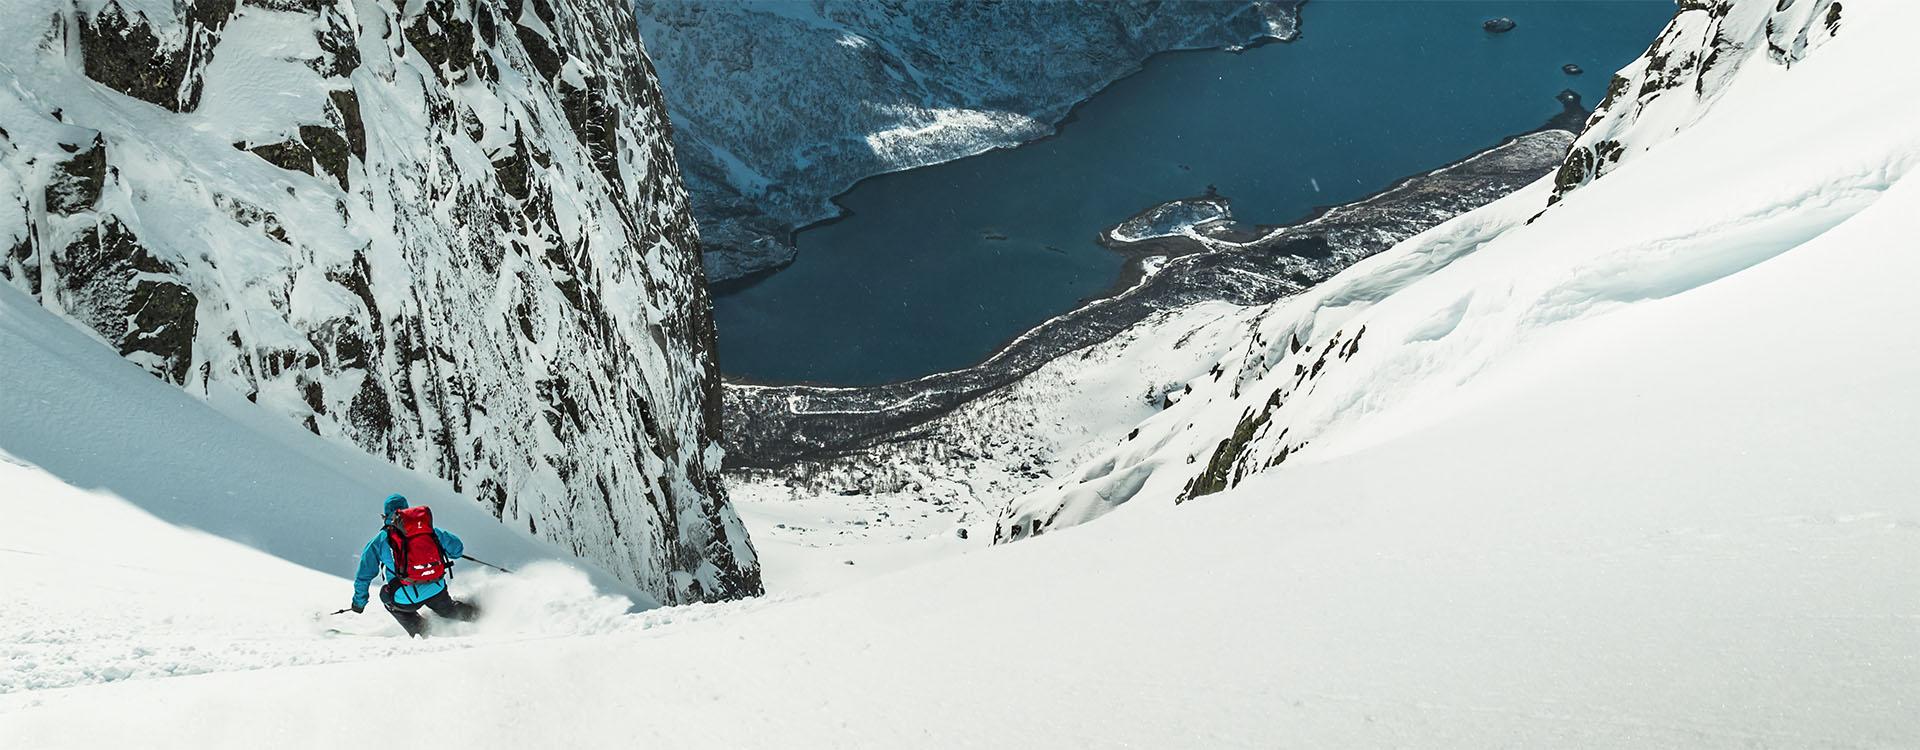 skitourenreisen-nach-norwegen-island-und-spitzbergen